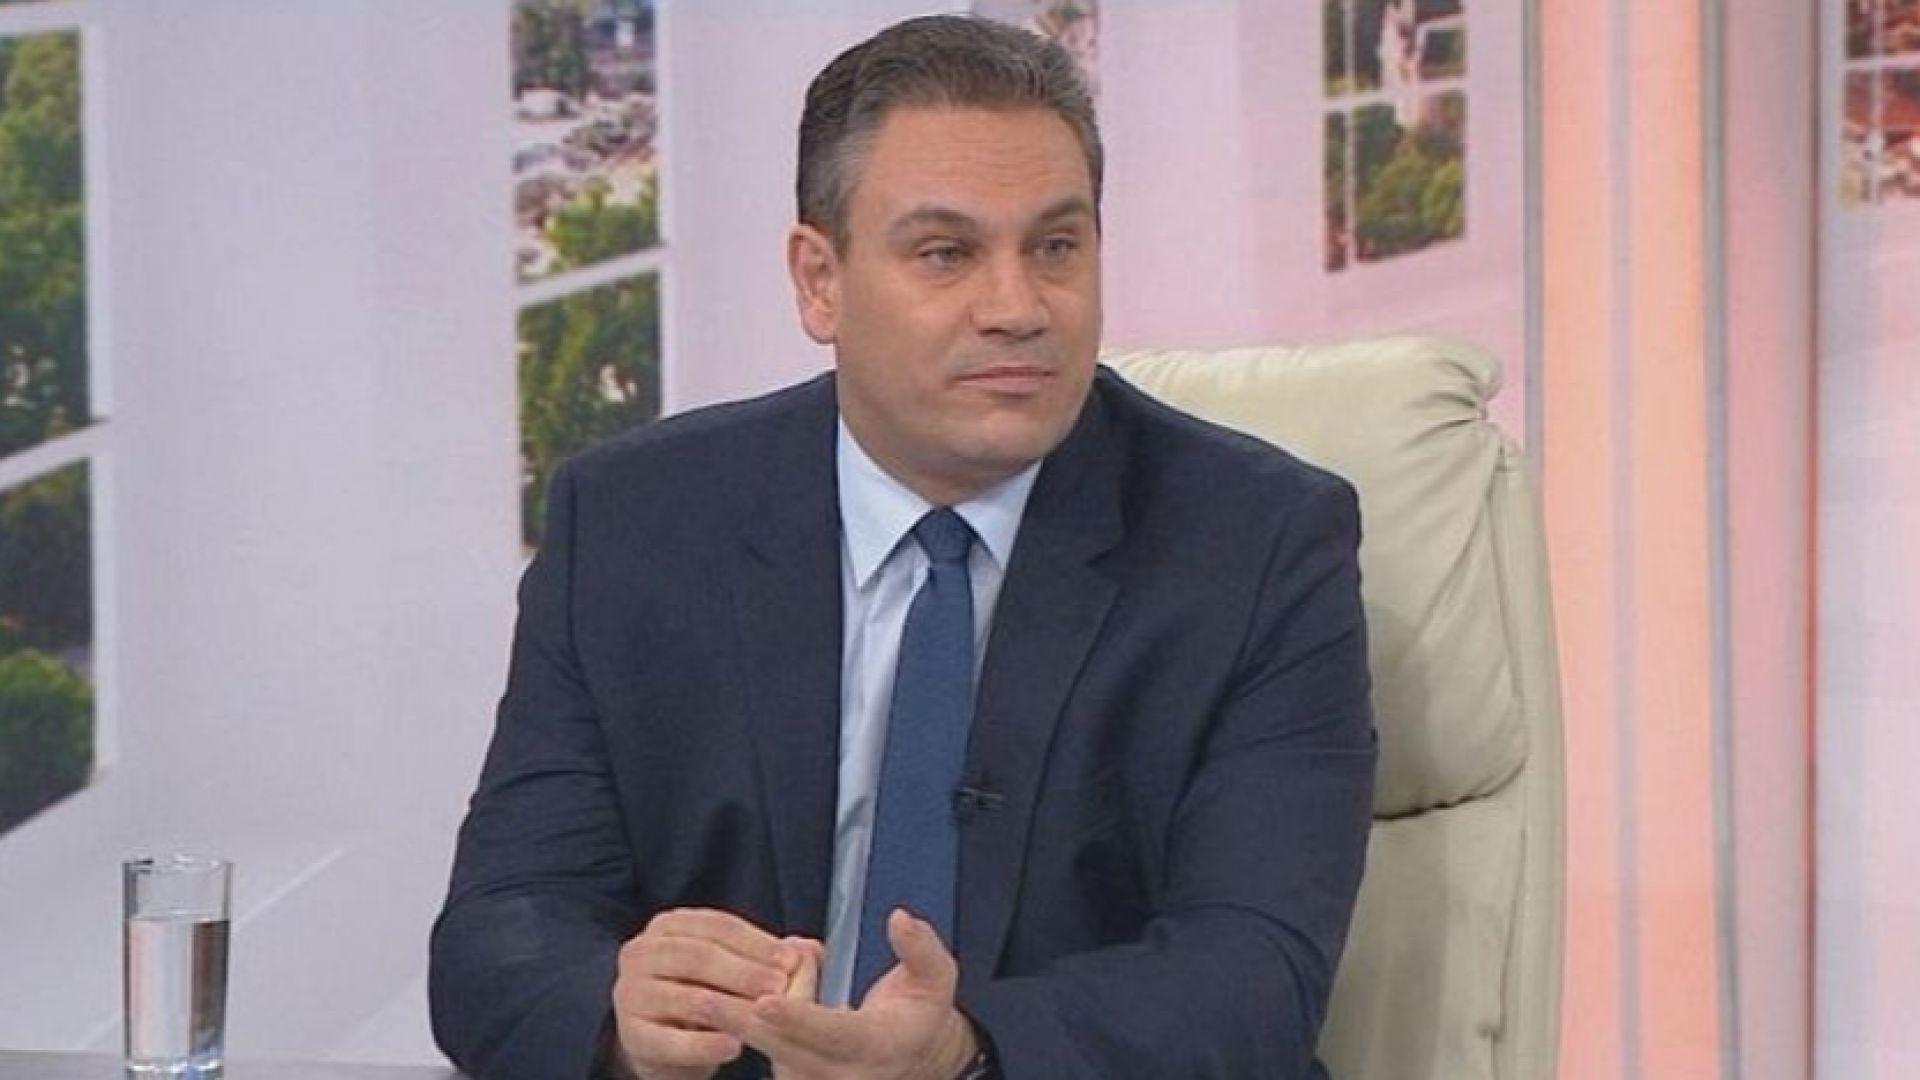 Пламен Георгиев оспорва констатацията на общината за незаконните обекти на терасата му